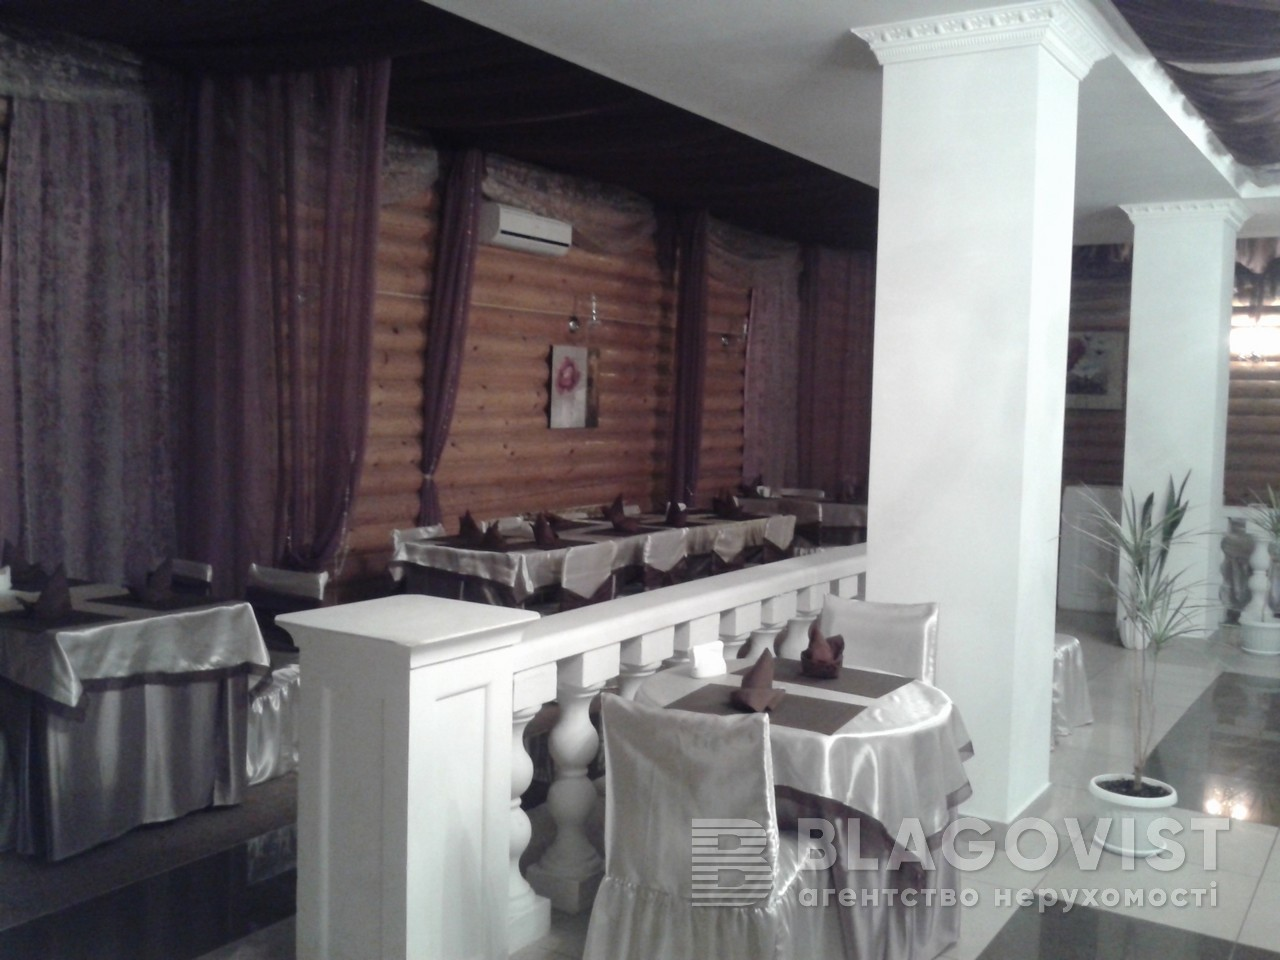 Ресторан, Z-244163, Боровкова, Подгорцы - Фото 6